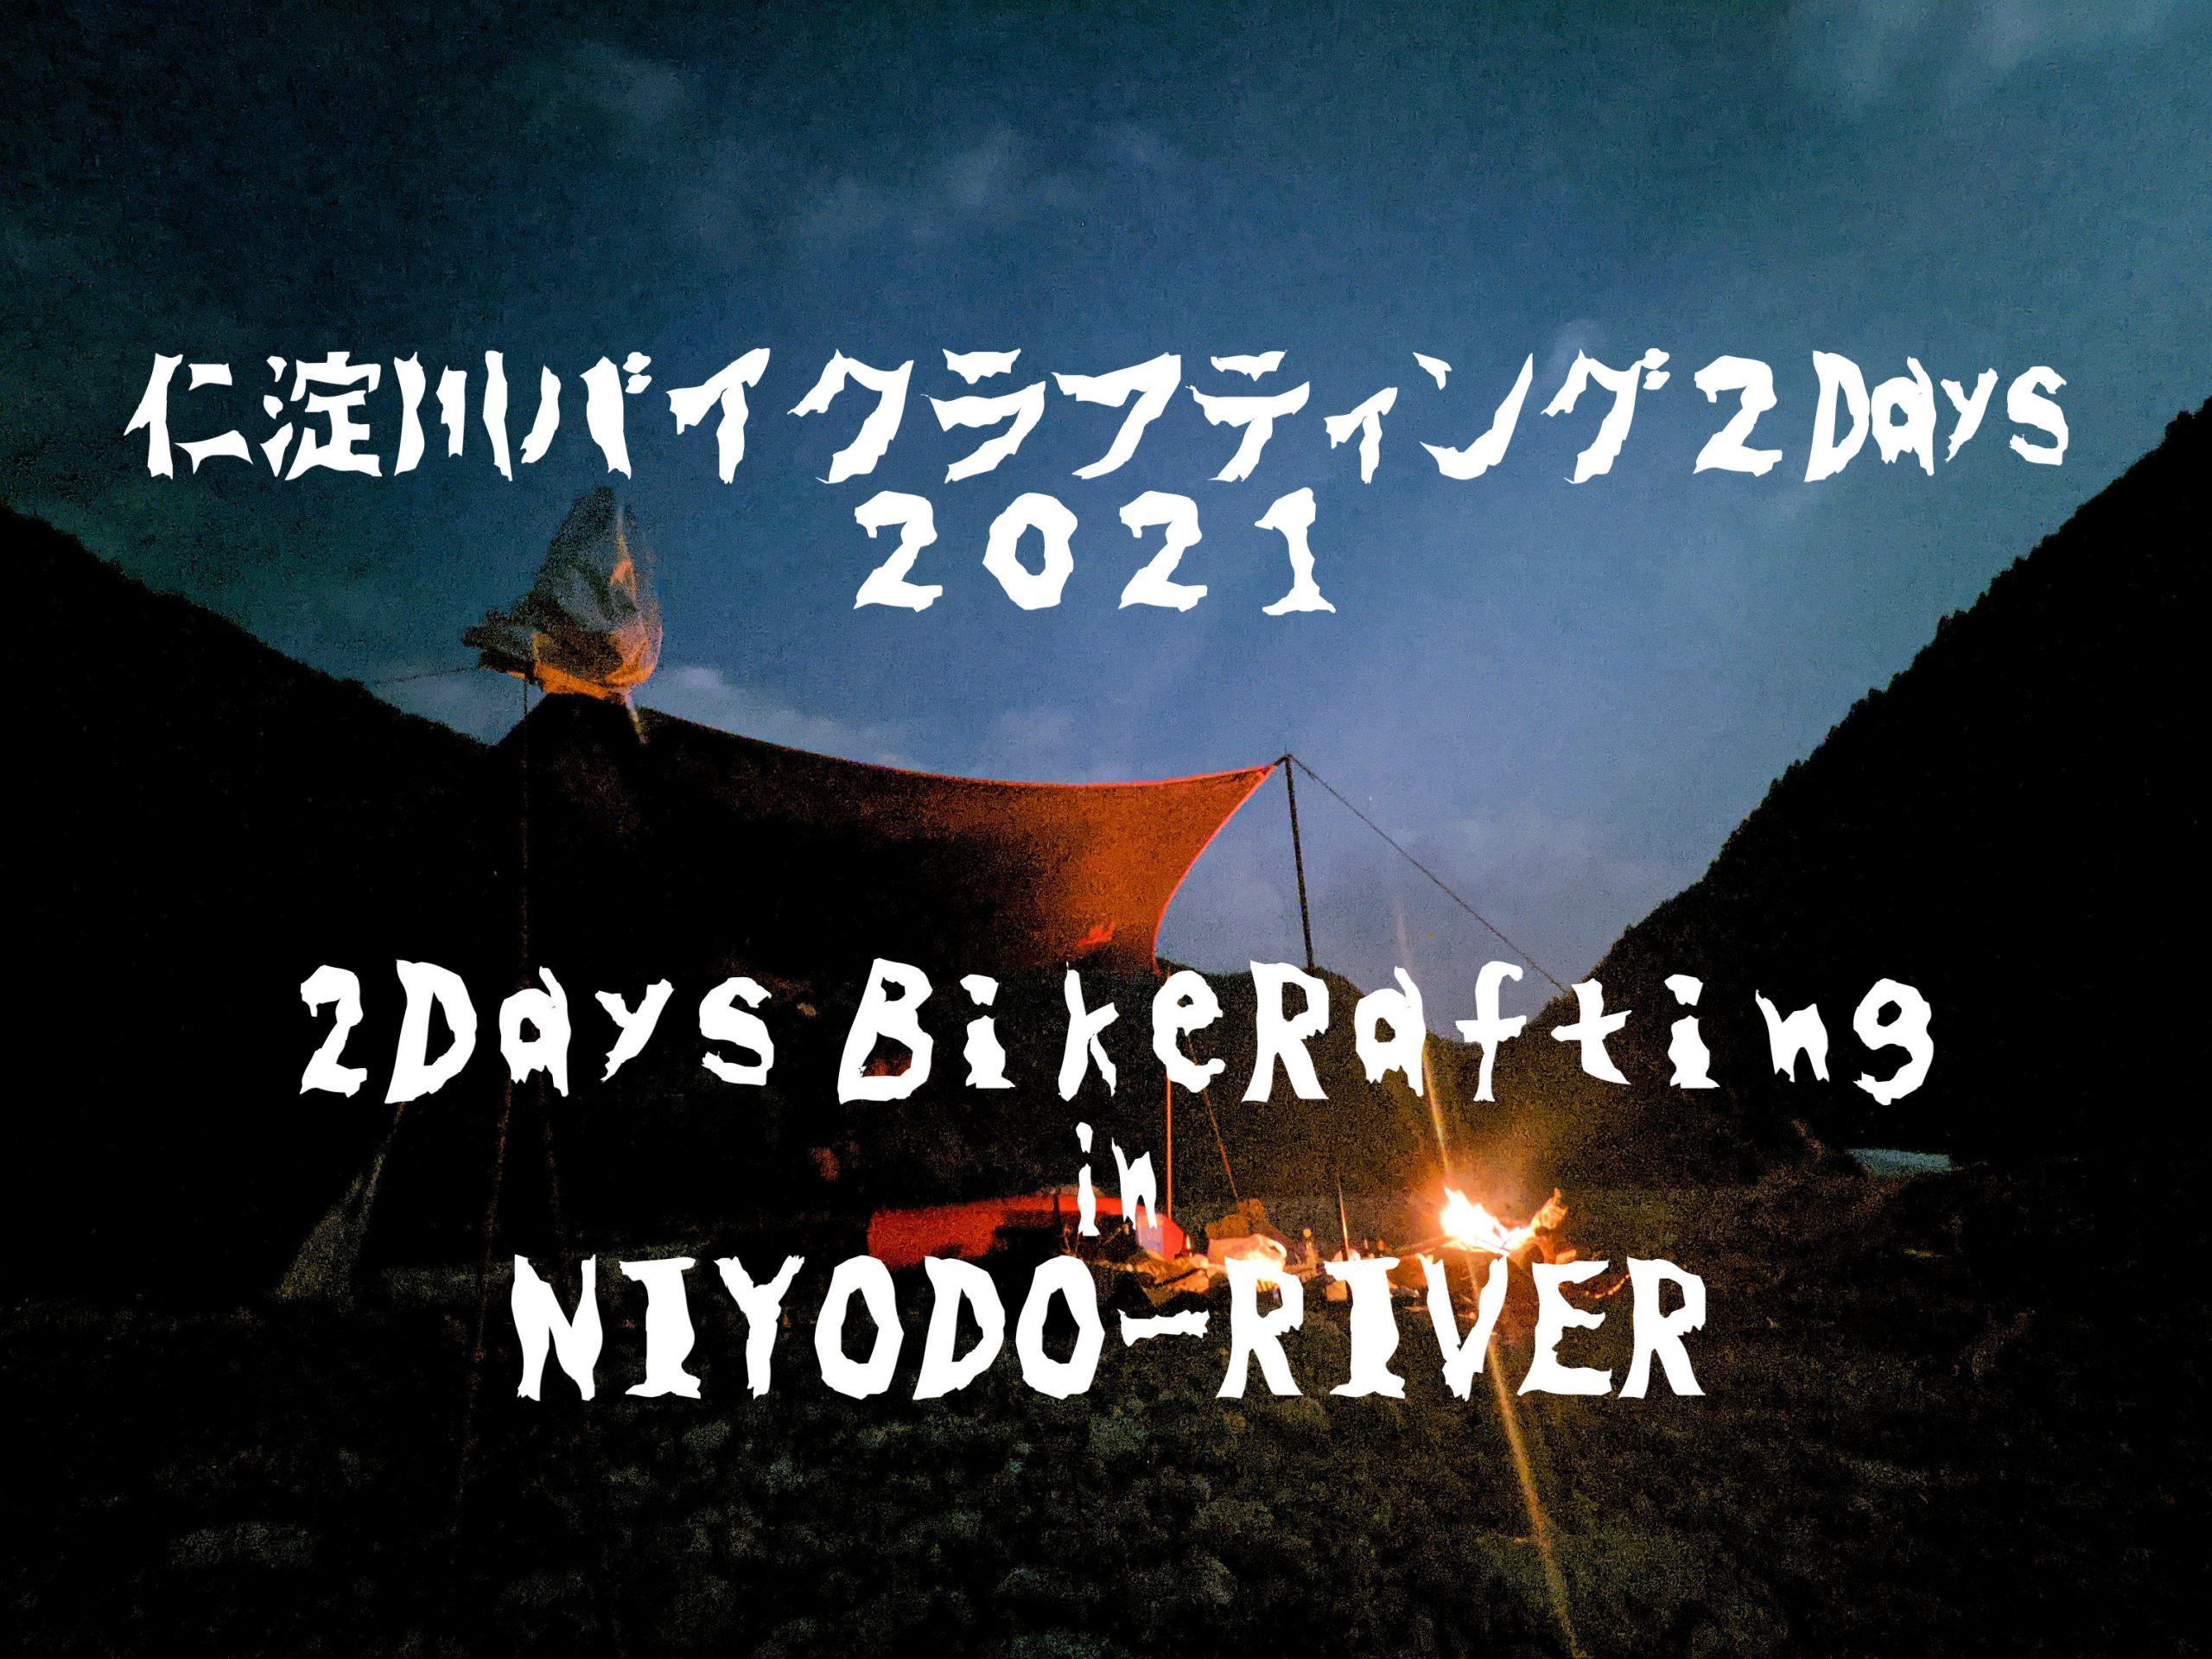 2021仁淀川バイクラフティング